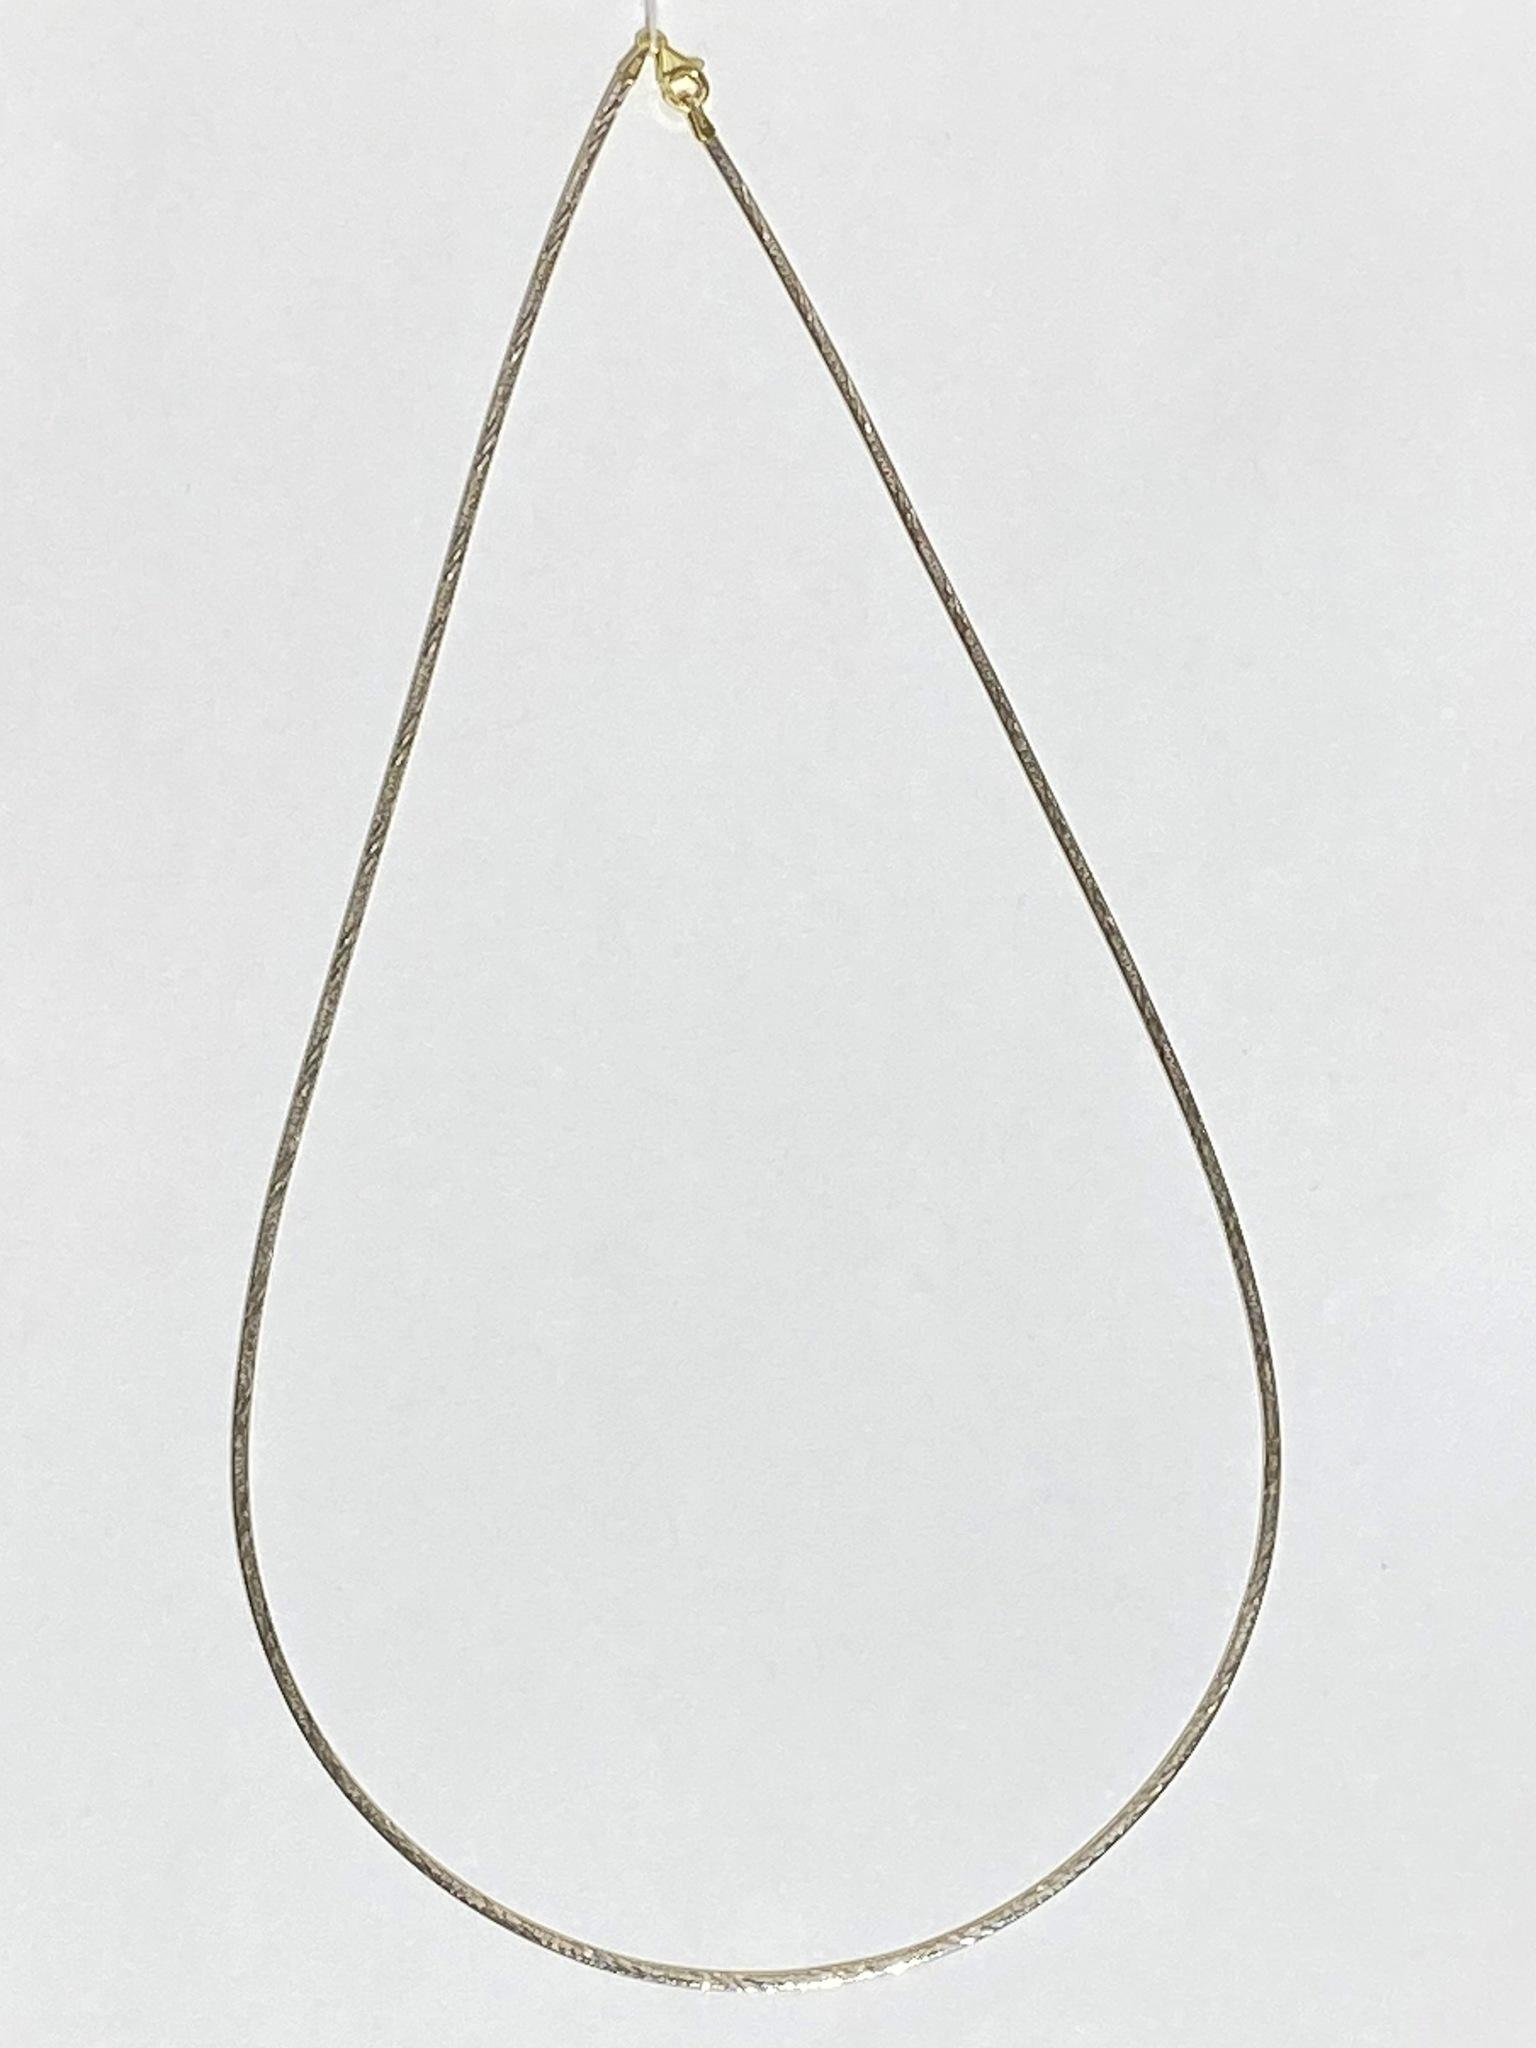 Колье 0,2 см. (серебряное колье).